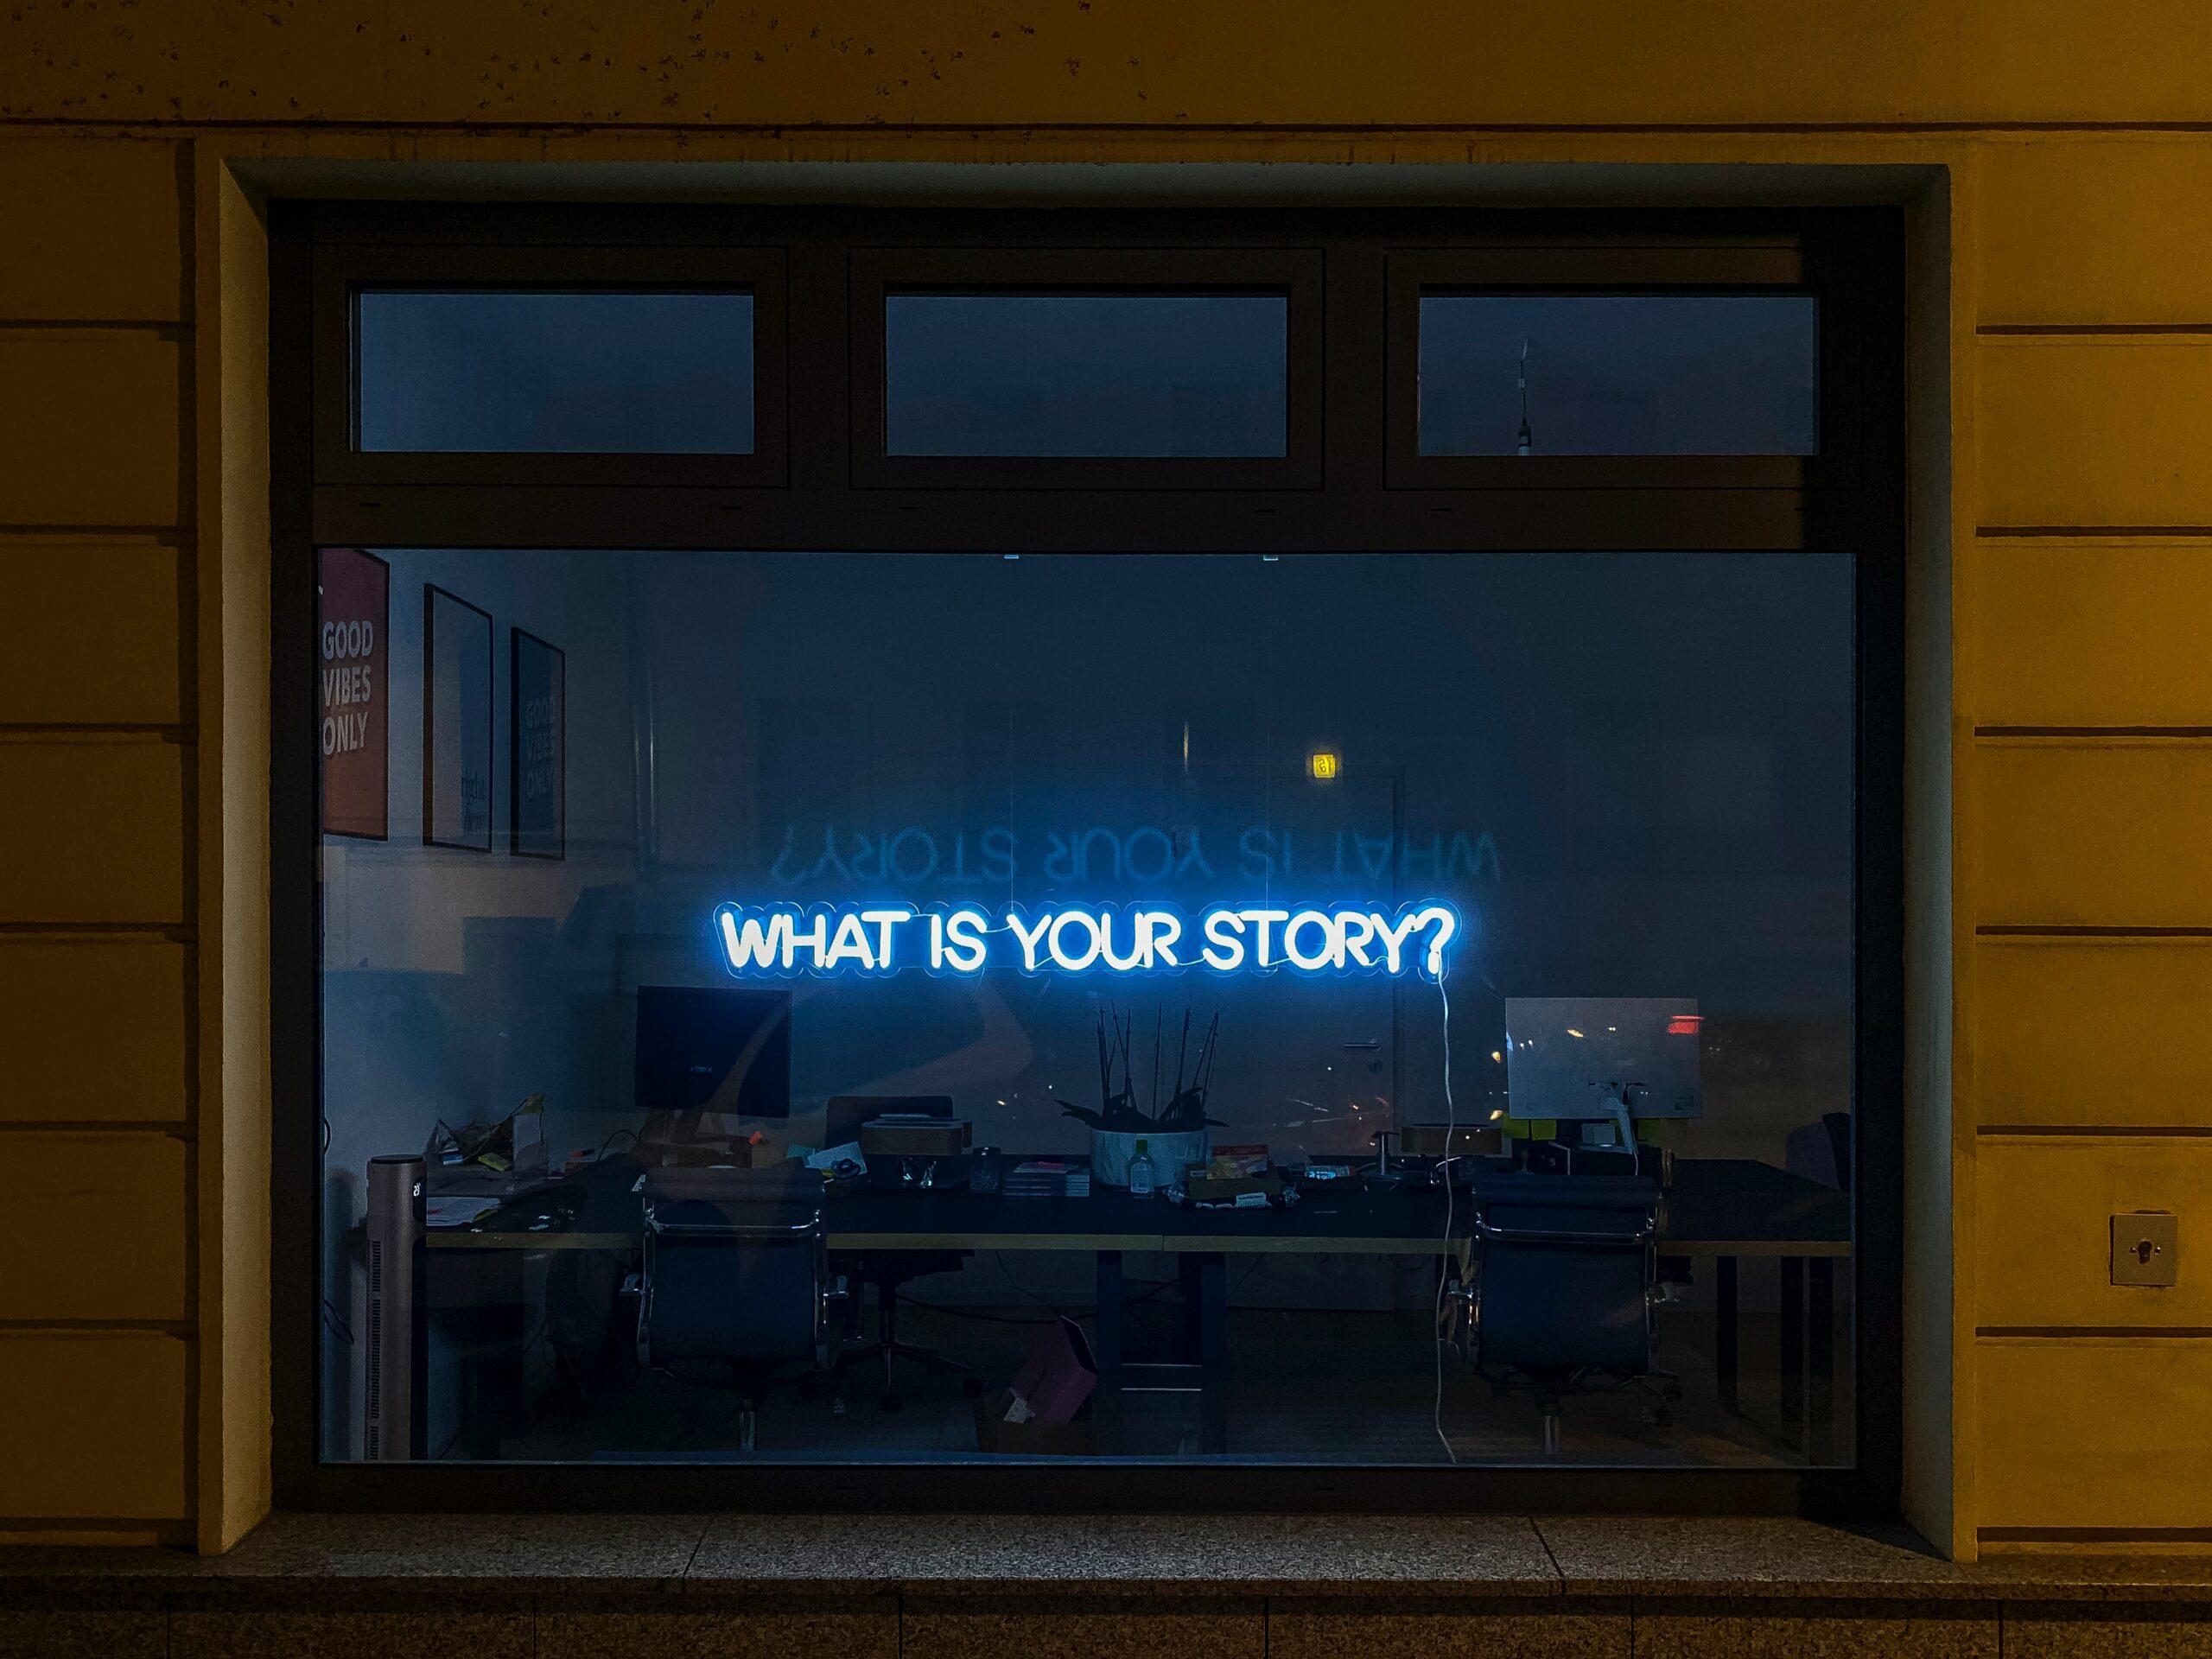 Reine Daten können nicht viel für Sie tun oder gar zum Handeln inspirieren. Als Geschichte verpackt, können Ihre Daten jedoch zum Leben gebracht werden und so besser verständlich werden. Data-Storytelling bietet hierfür die Lösung.